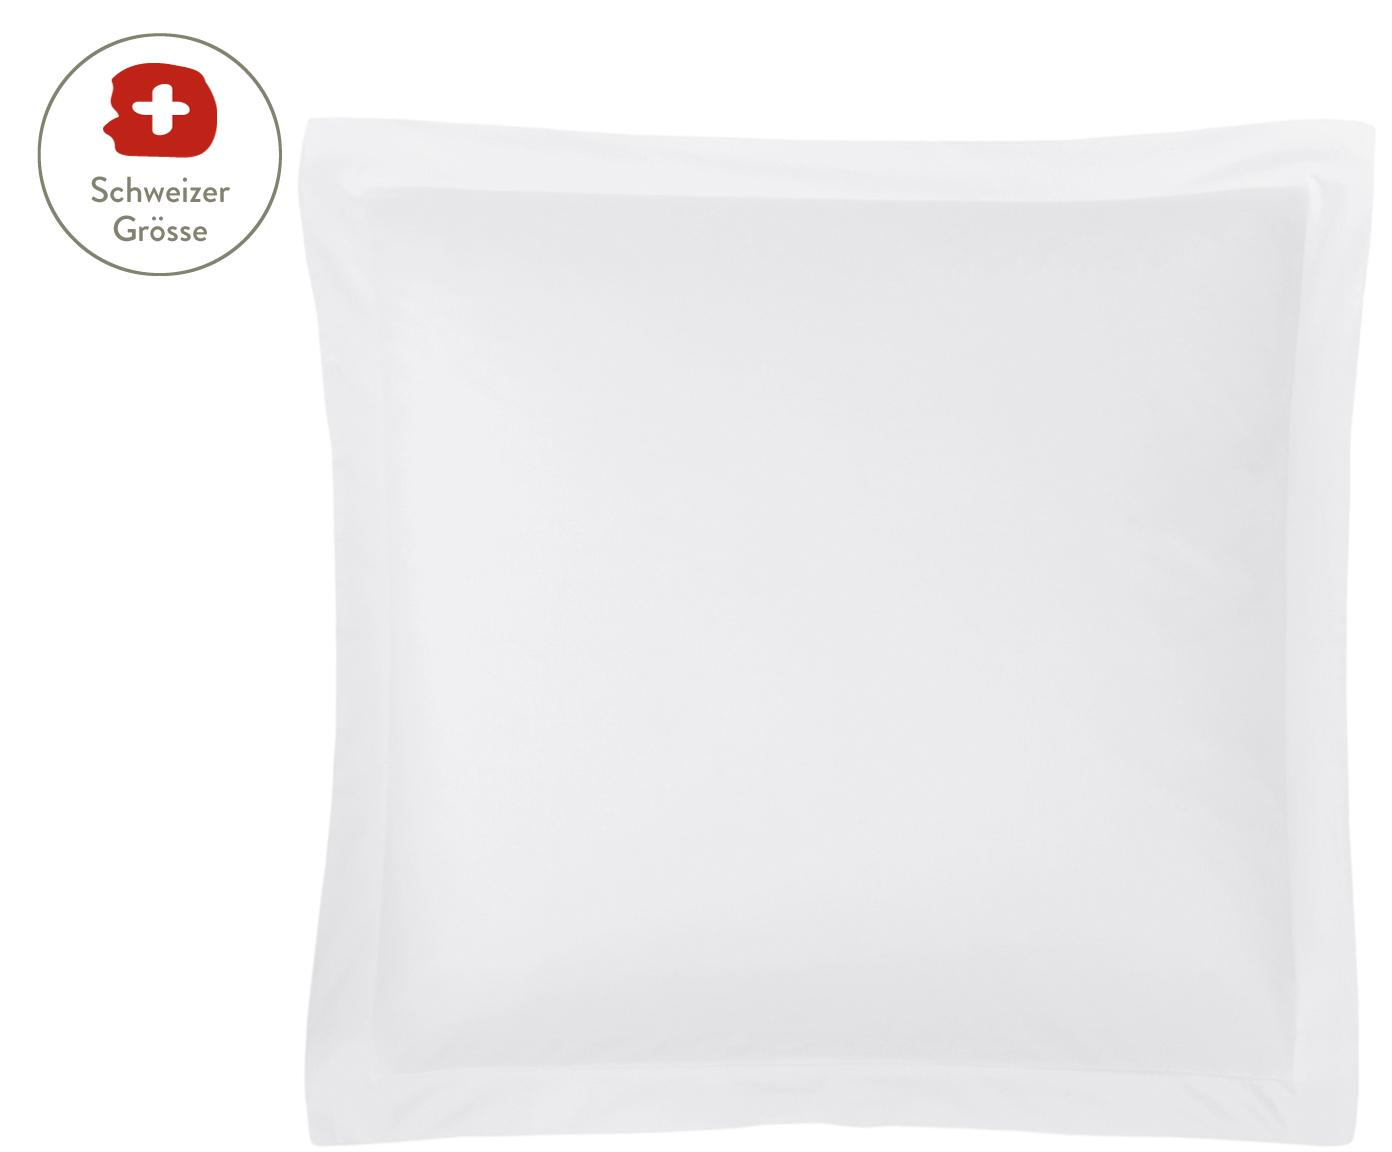 Baumwollsatin-Kissenbezug Premium in Weiss mit Stehsaum, Webart: Satin, leicht glänzend Fa, Weiss, 65 x 65 cm